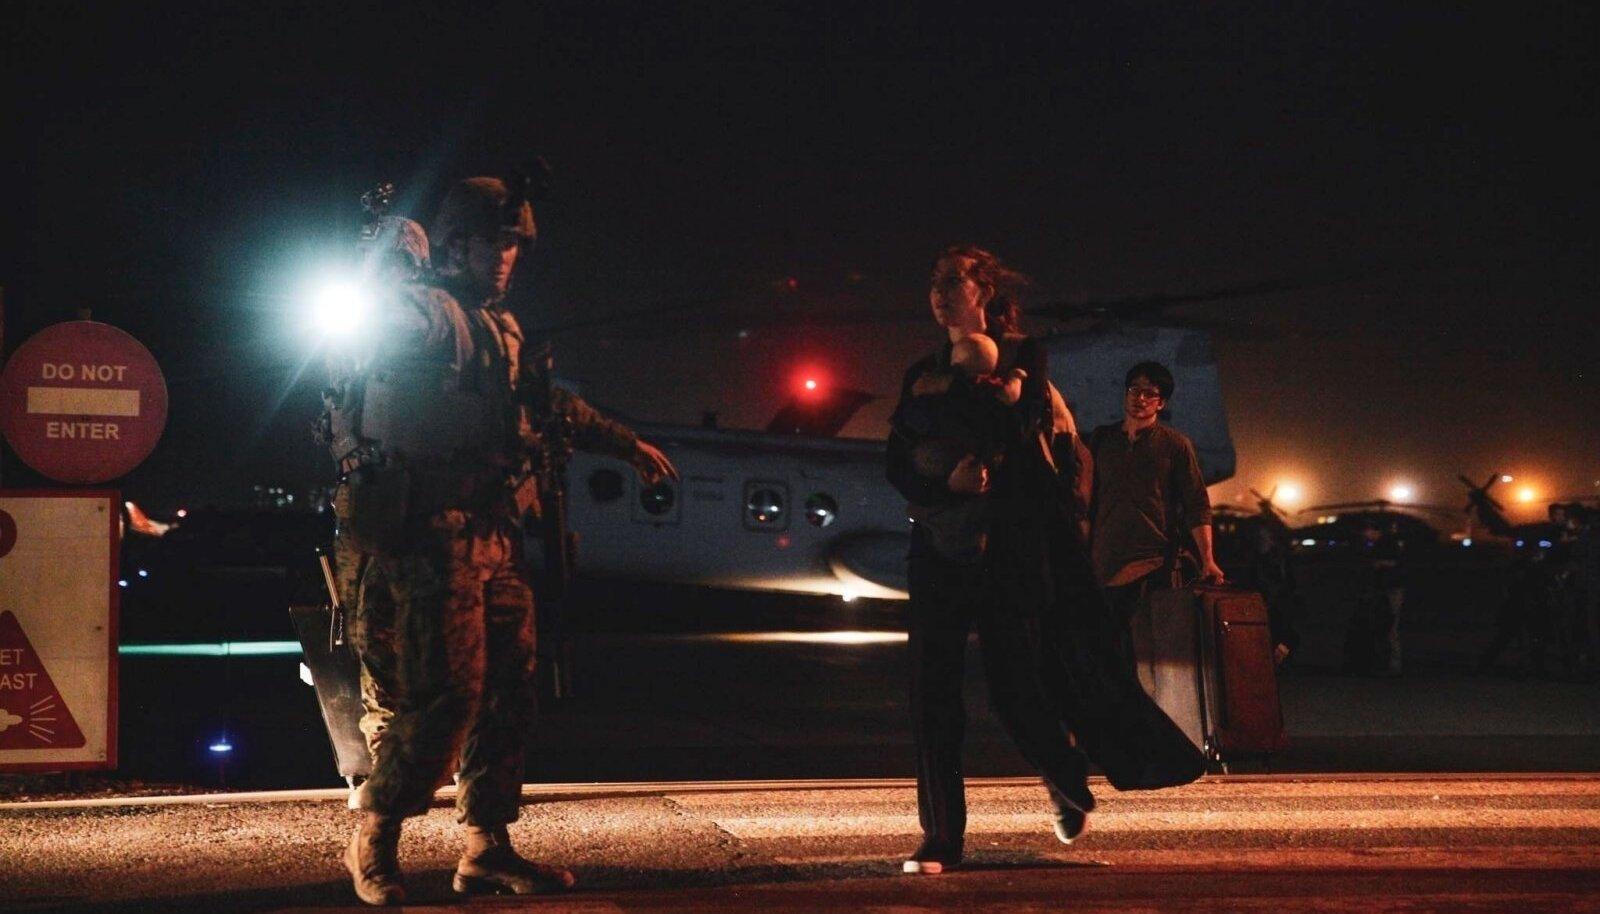 USA merejalaväelane juhatamas riigist lahkuvat Ameerika välisministeeriumi töötajat